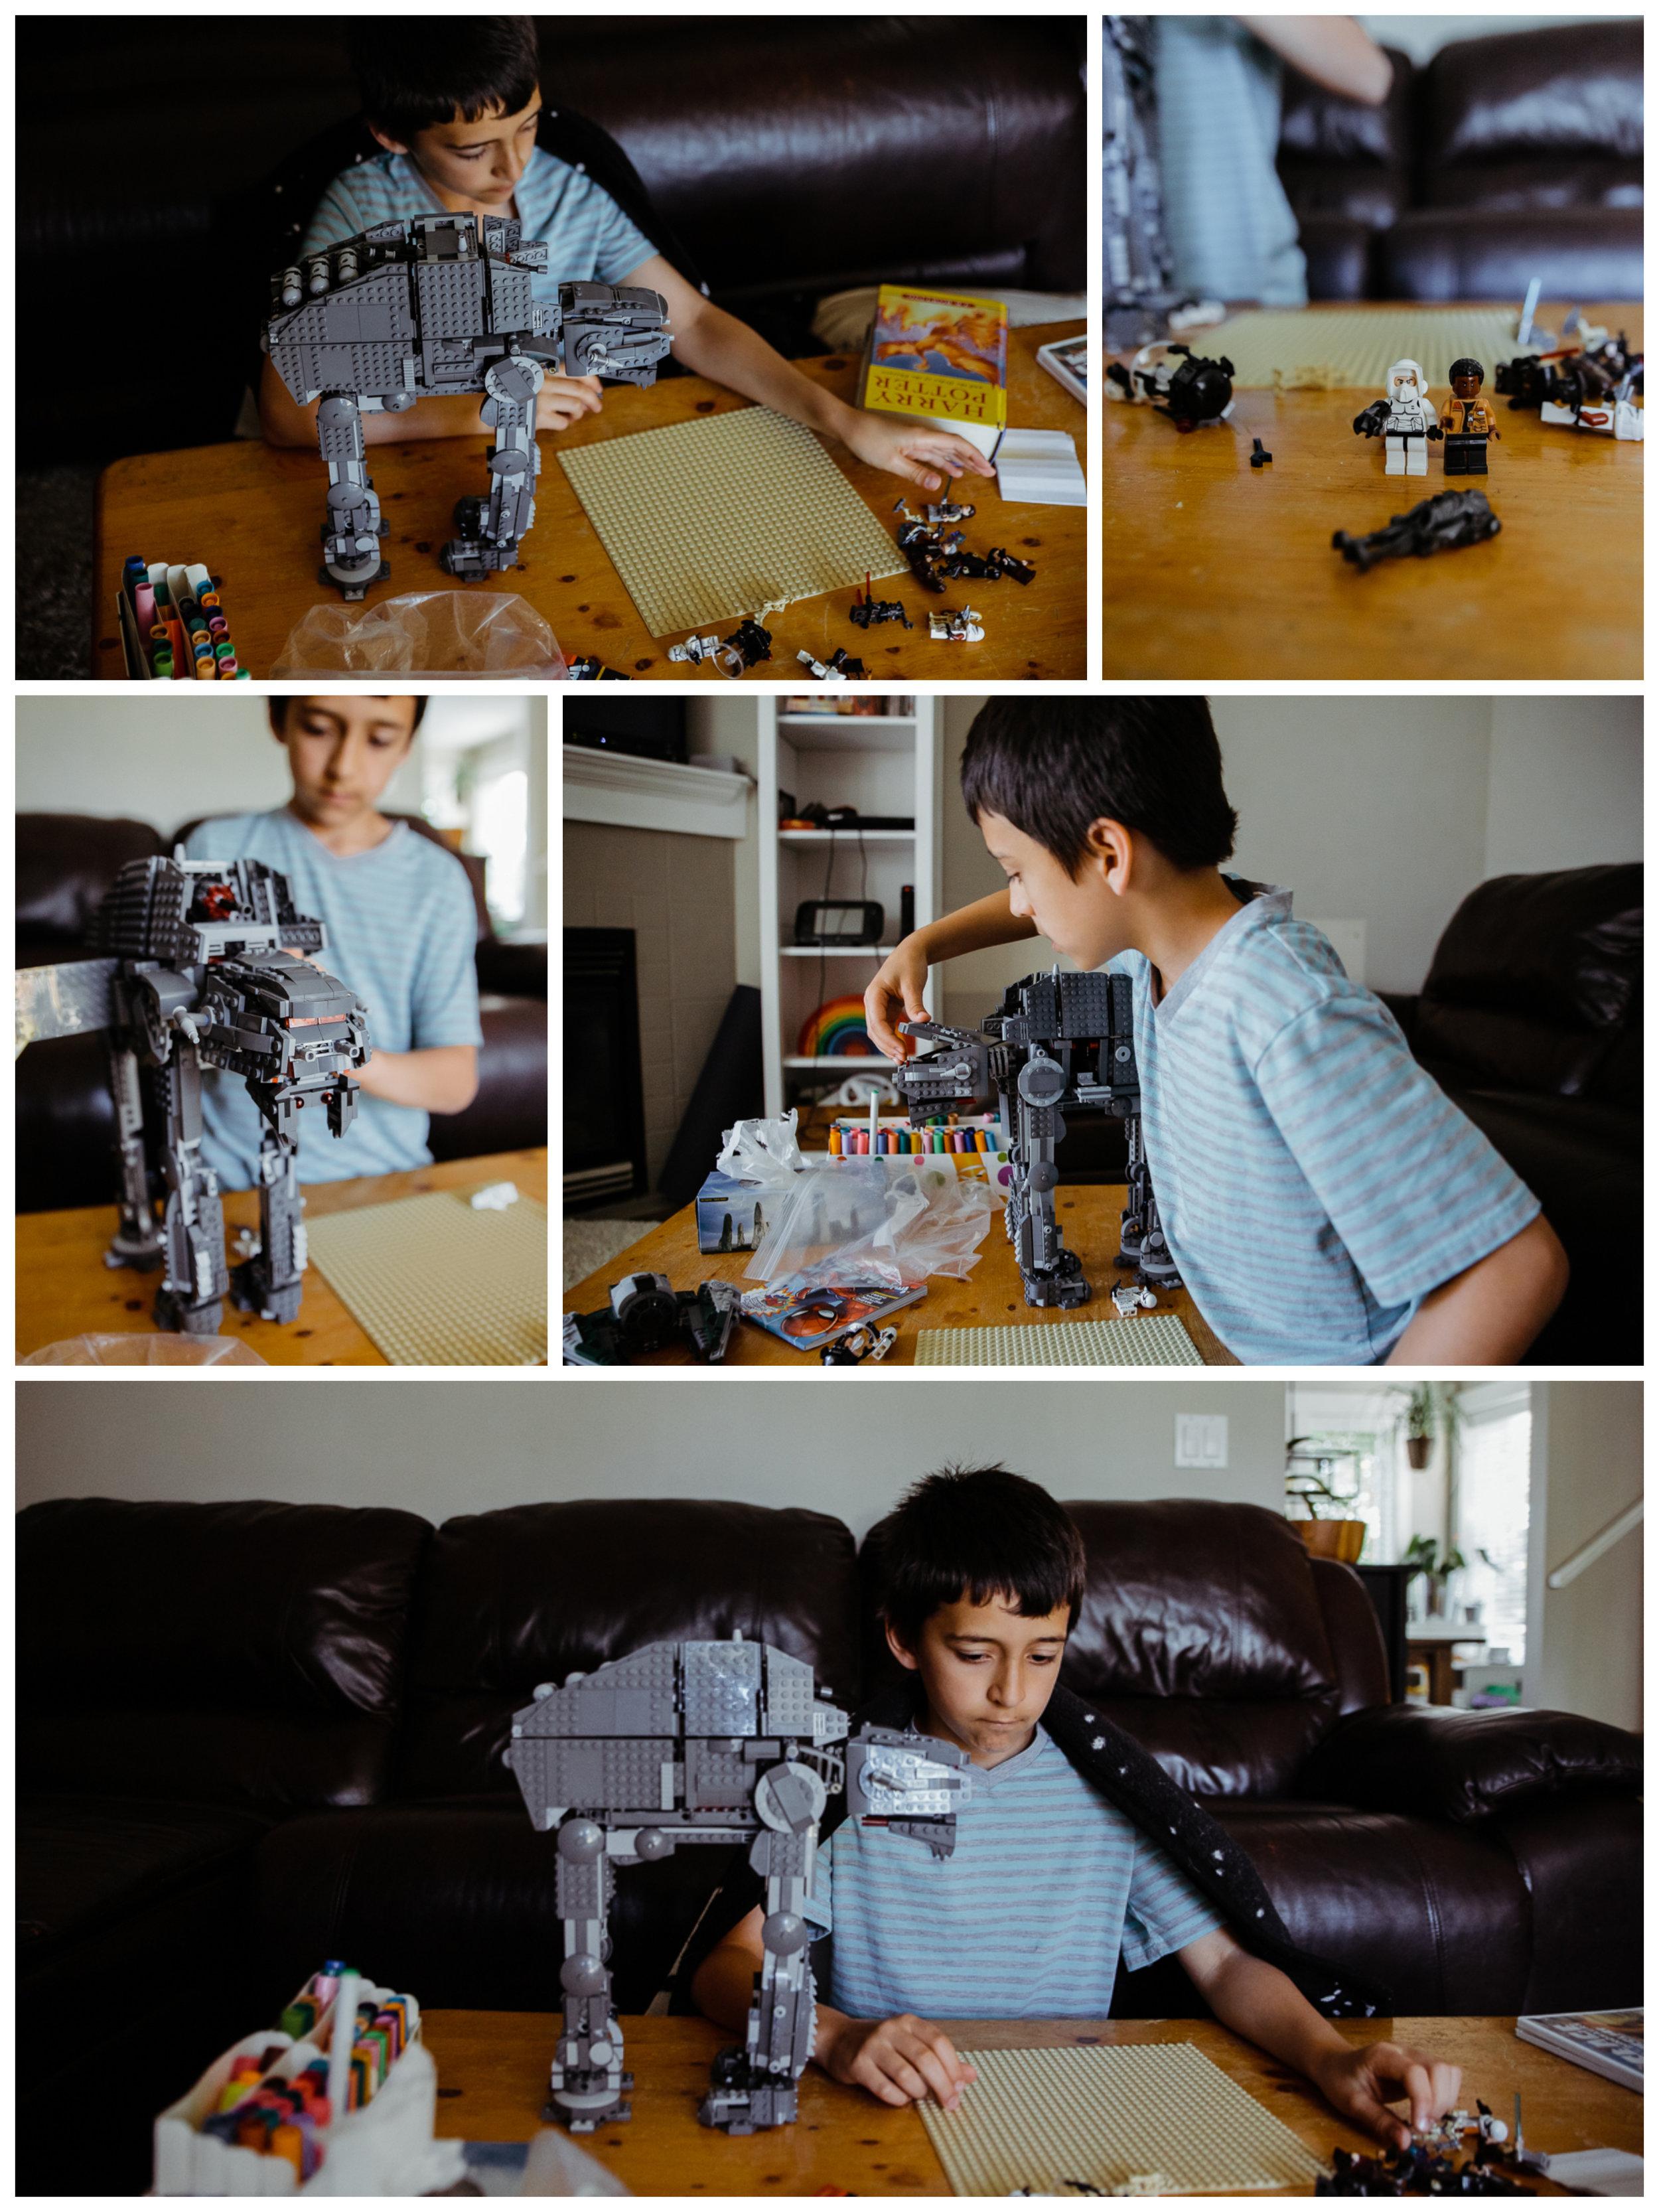 preteen boy playing with star wars lego set.jpg